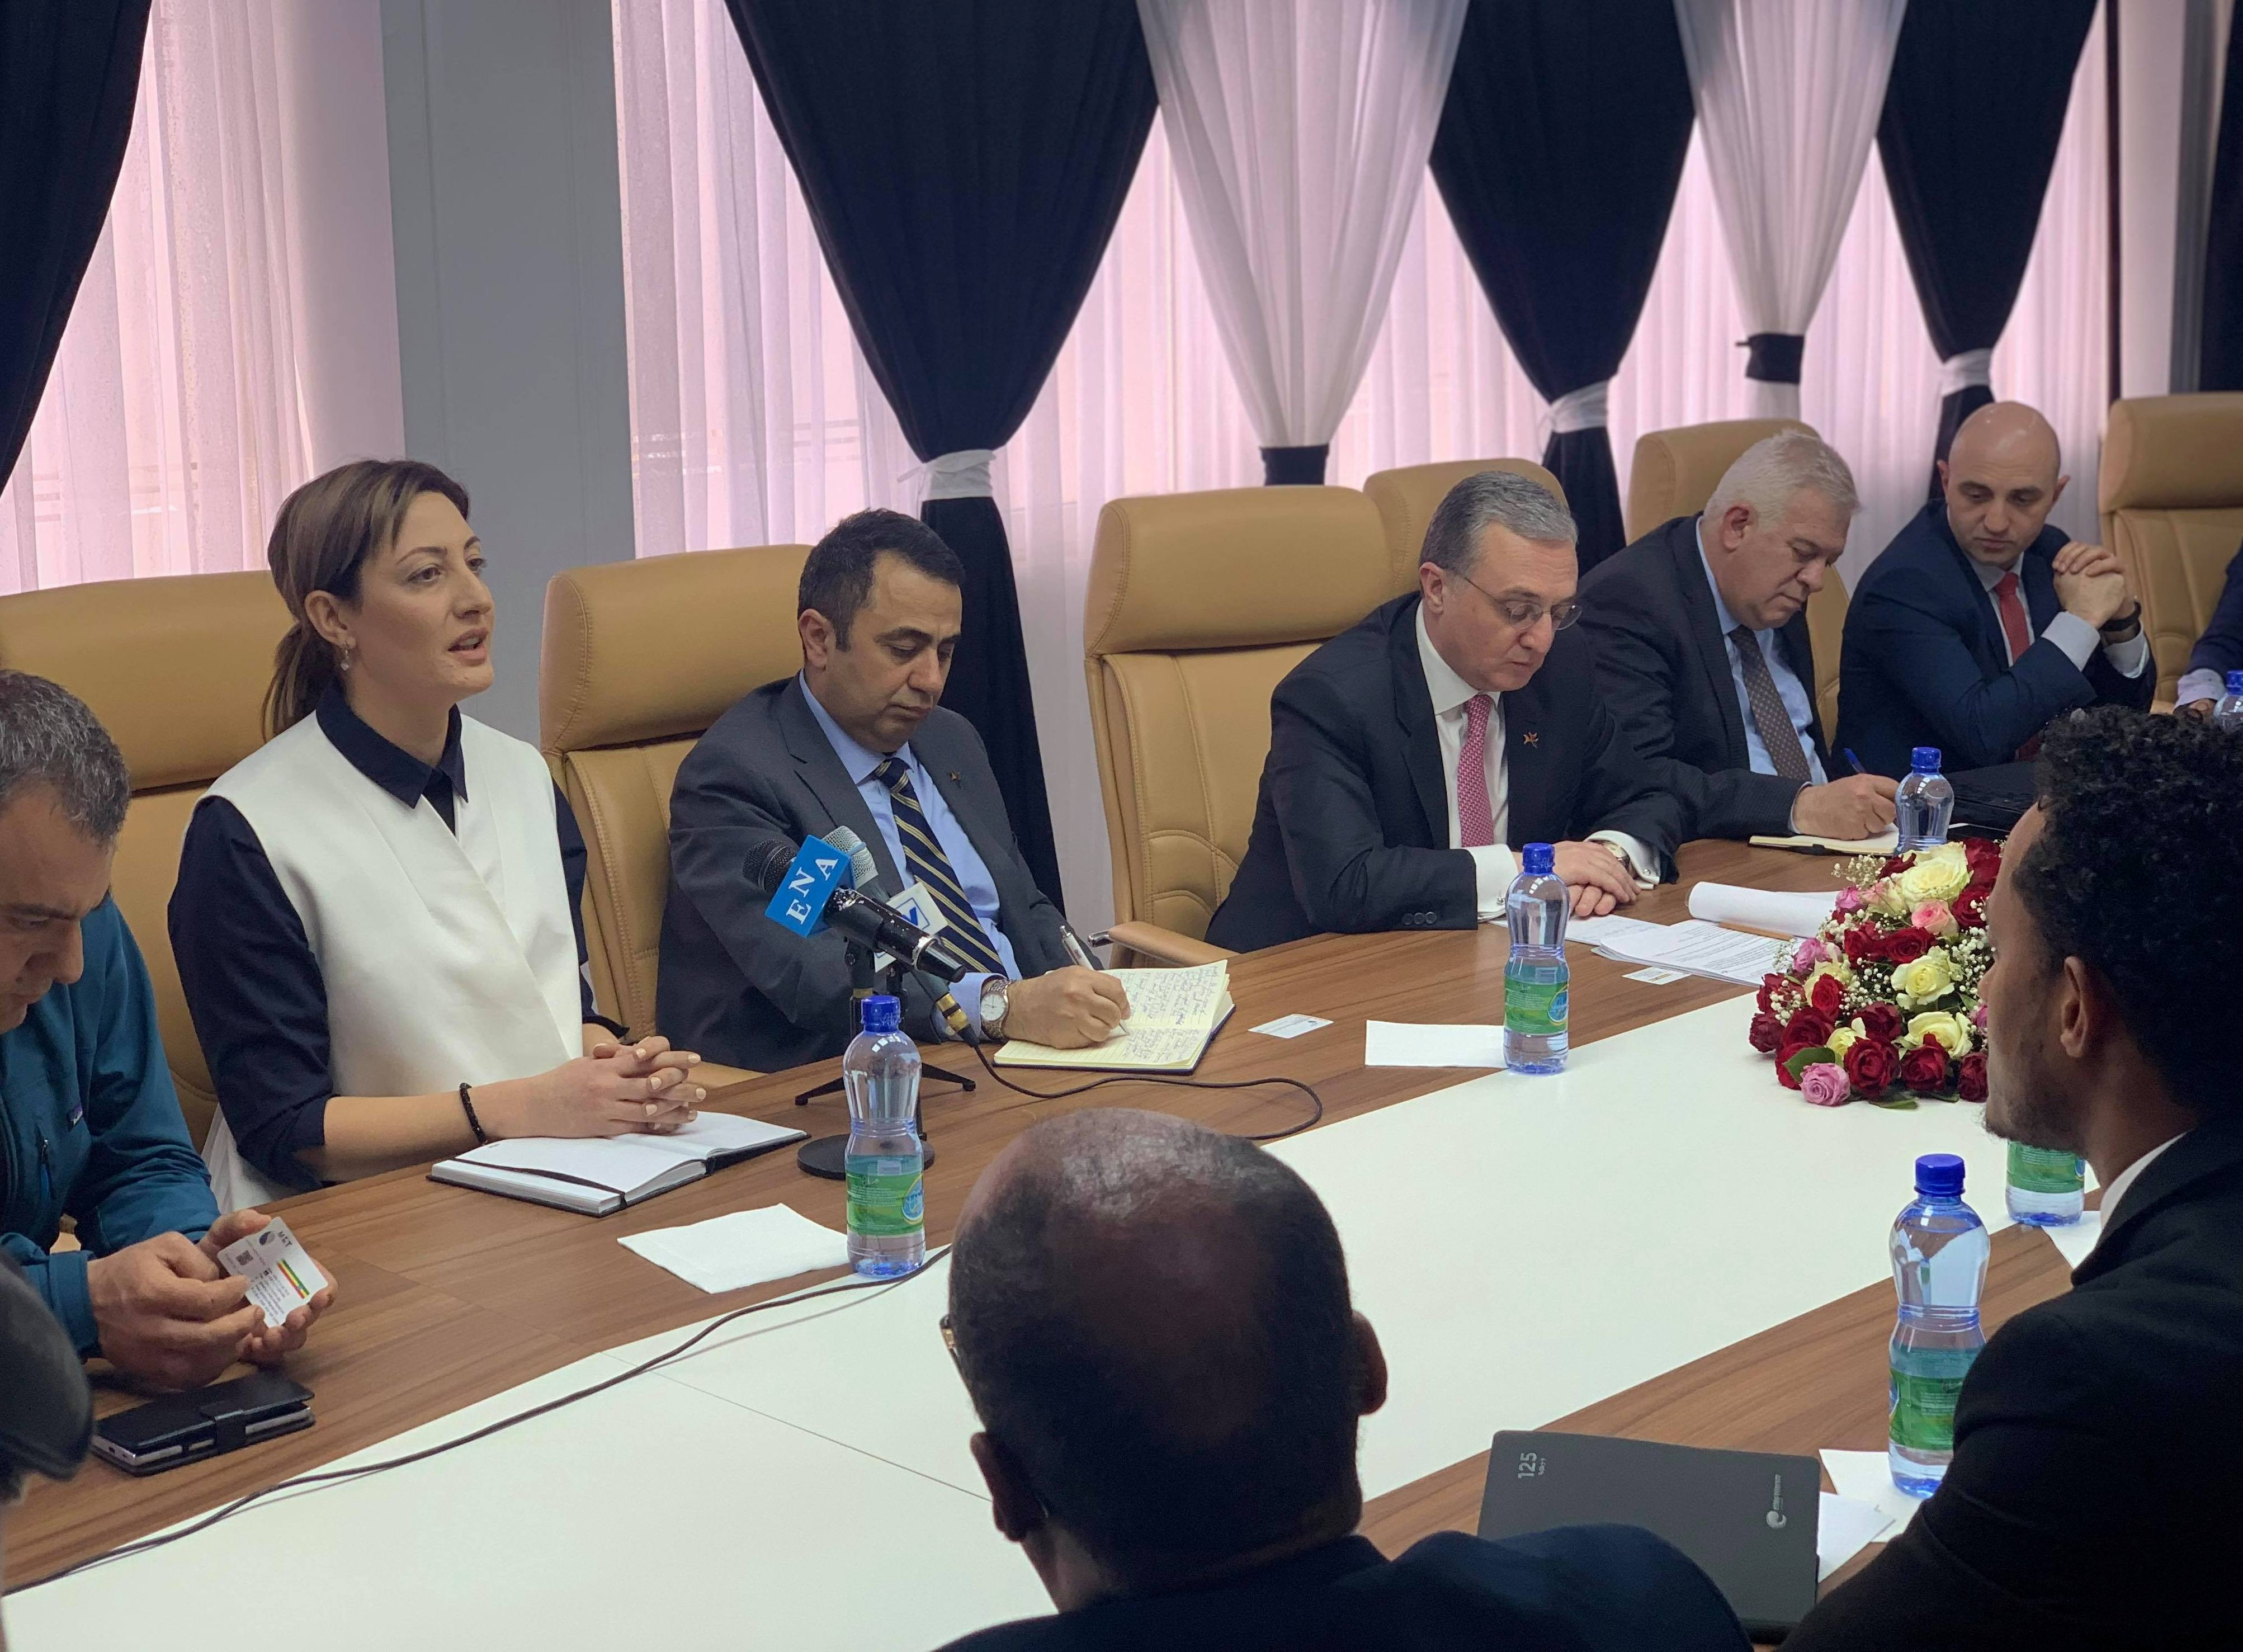 Հայաստանն ու Եթովպիան կհամագործակցեն բարձր տեխնոլոգիաների եւ ճարտարագիտության ոլորտներում